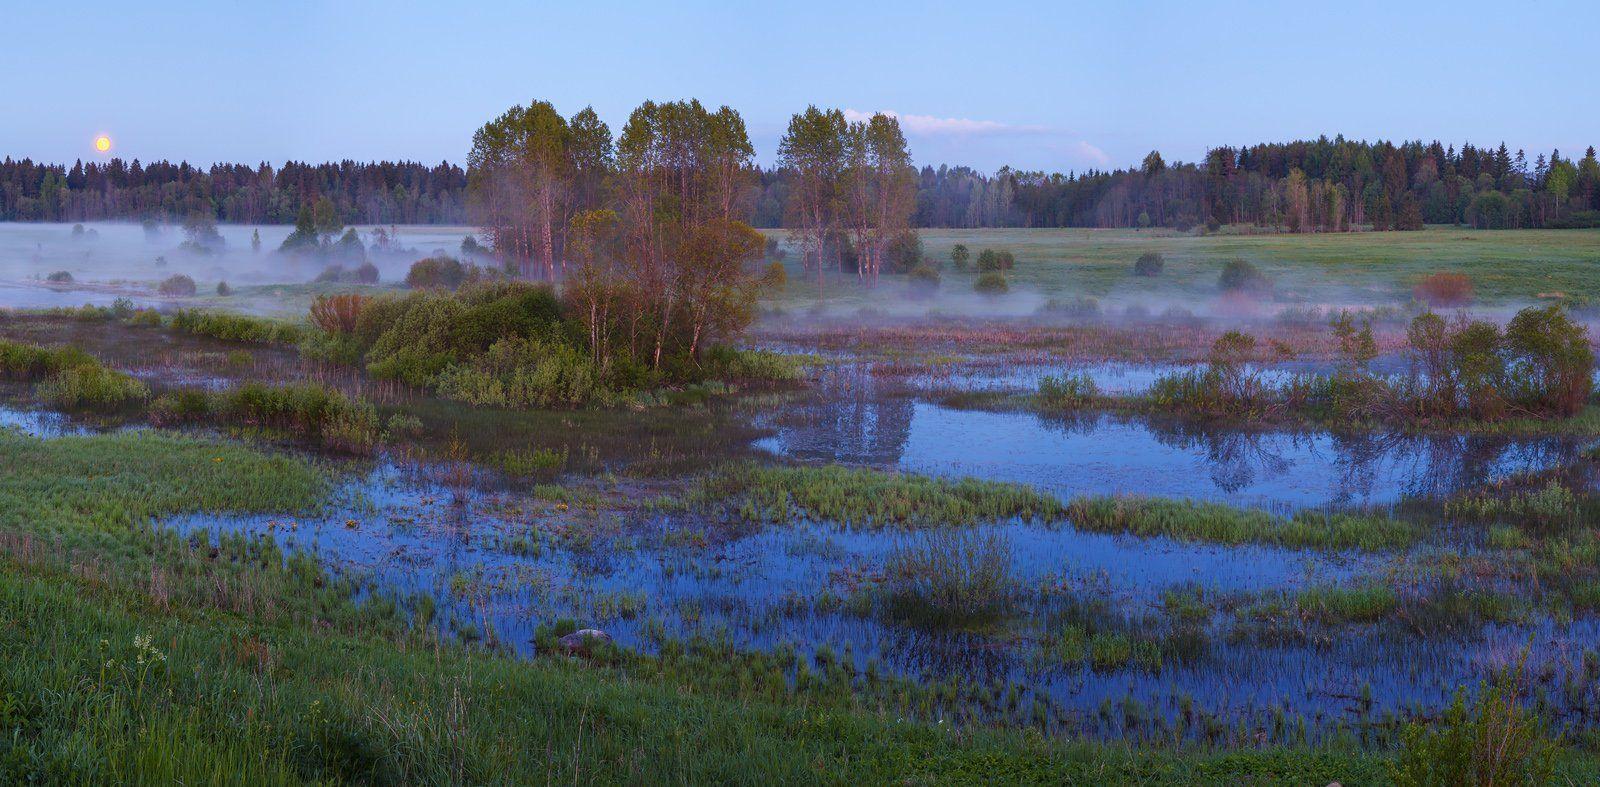 ленинградская область, ленобласть, волосовский район, урочище хюльгюзи, болото, Арсений Кашкаров